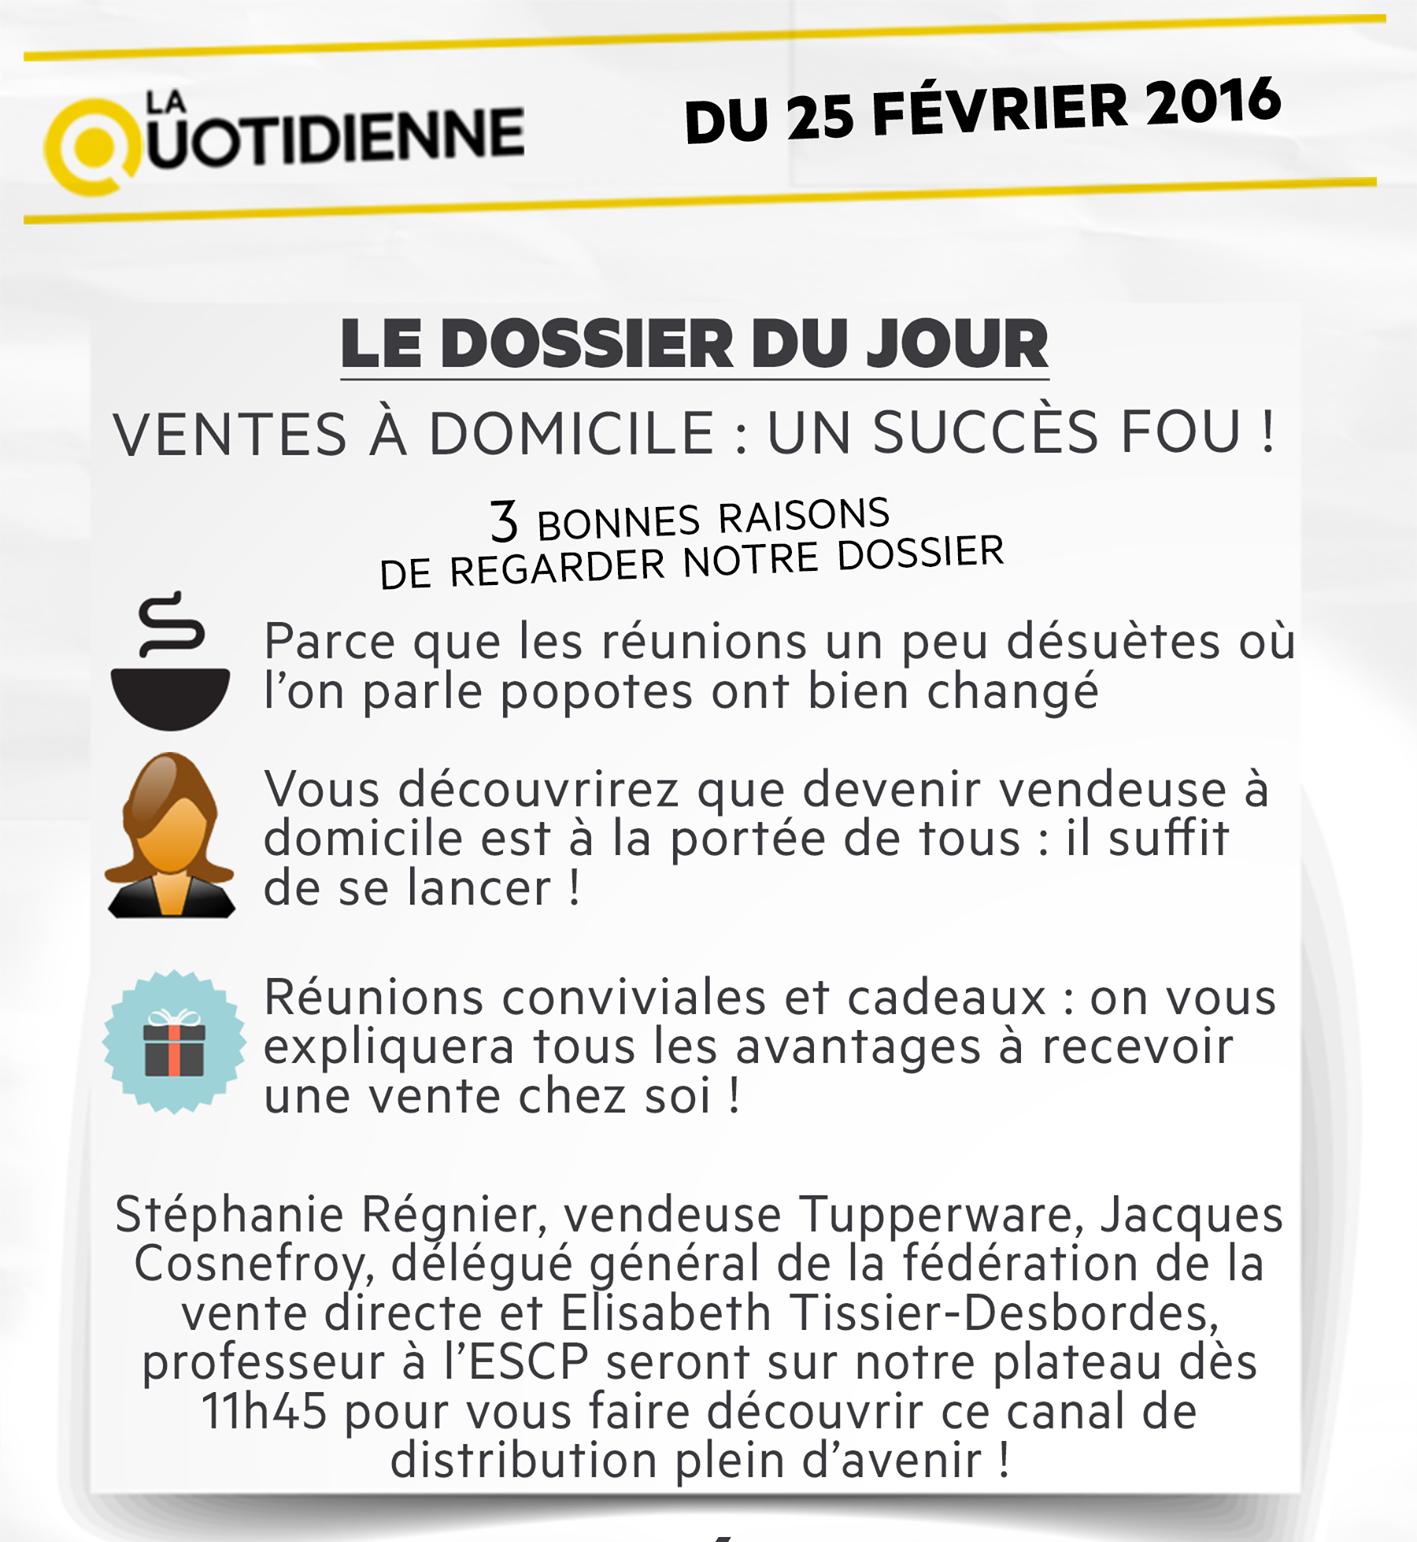 LA QUOTIDIENNE FRANCE 5 - VENTES A DOMICILE UN SUCCES FOU